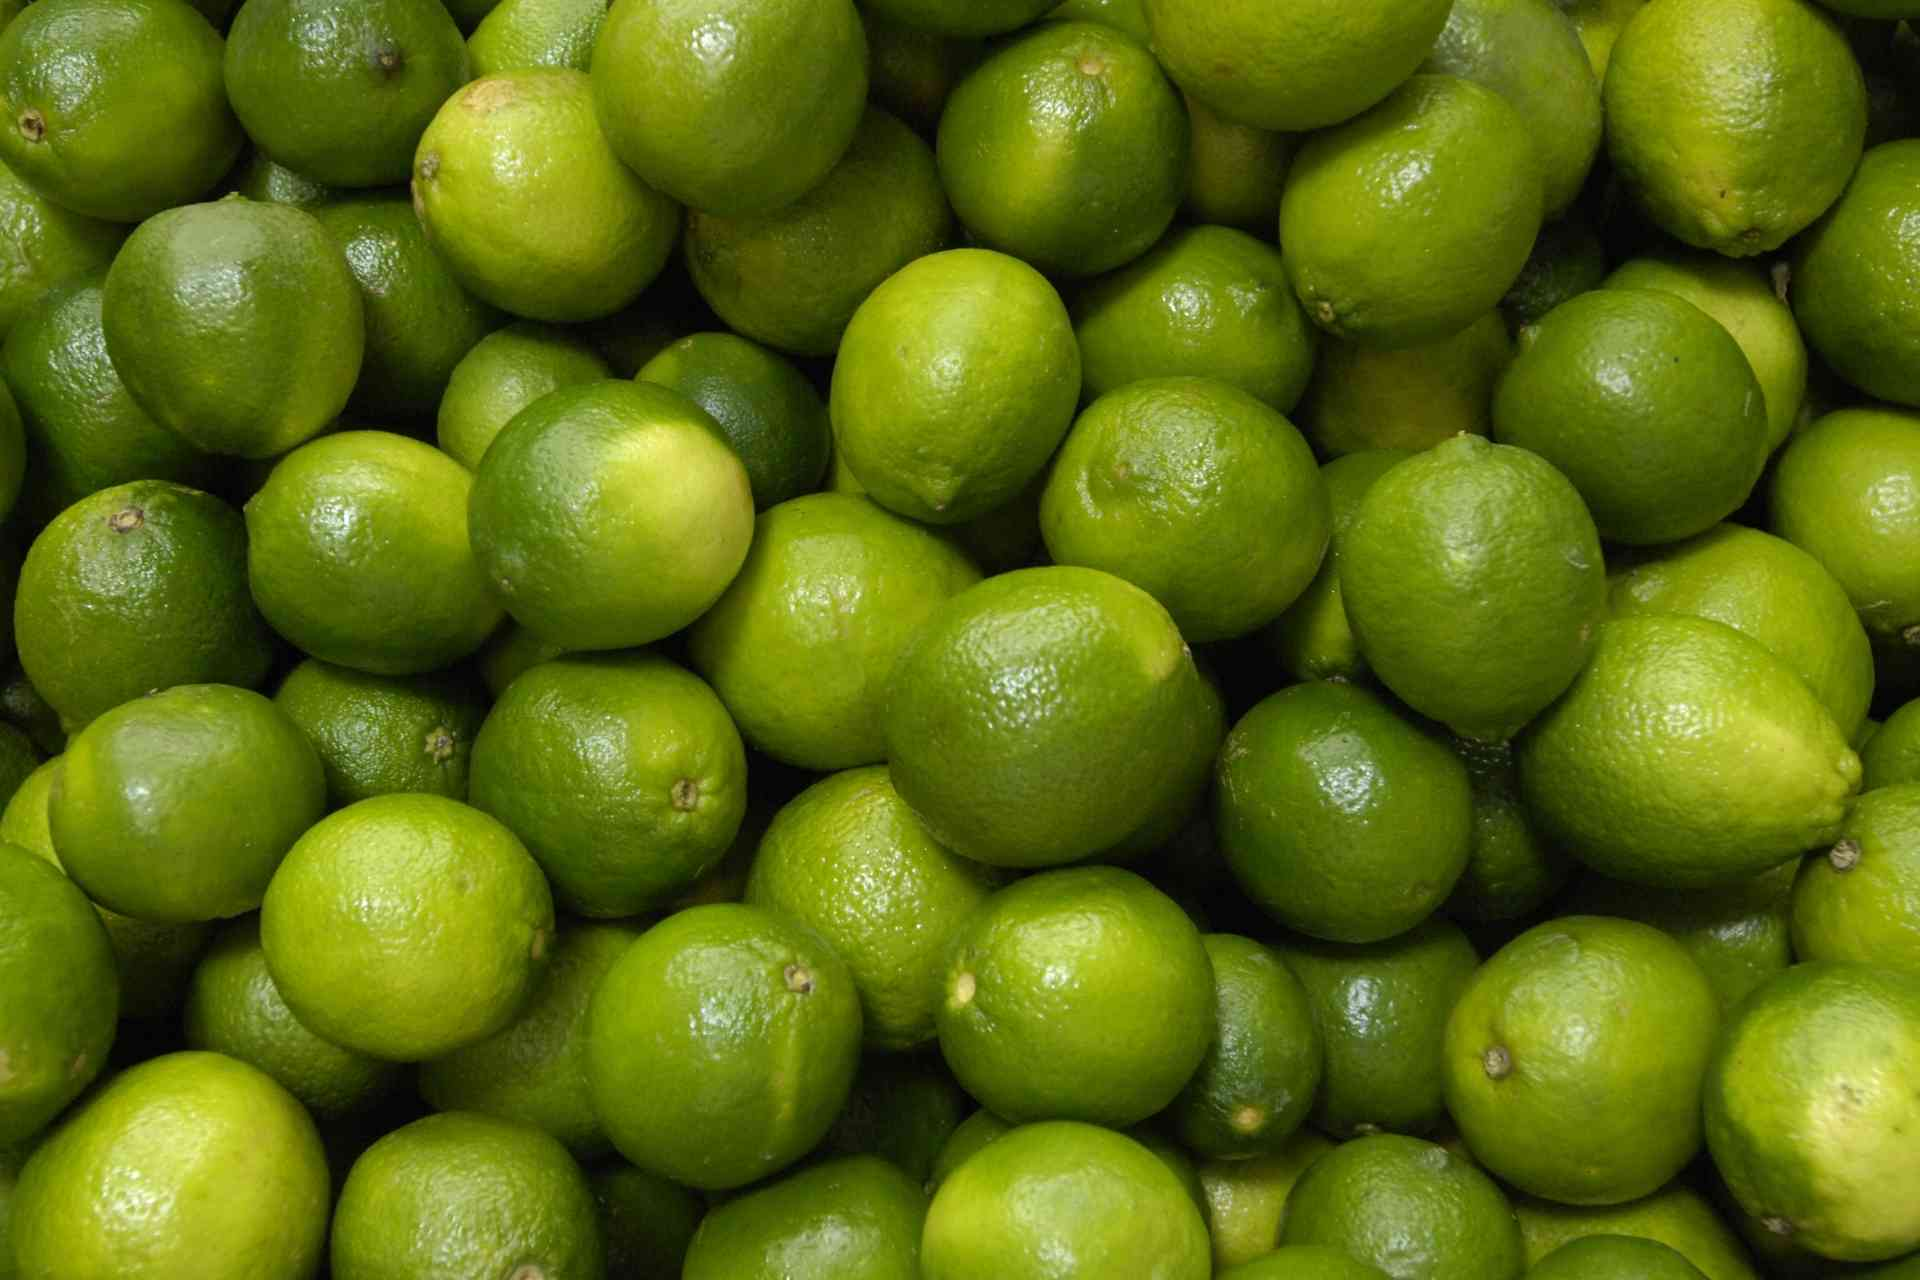 pianta di lime